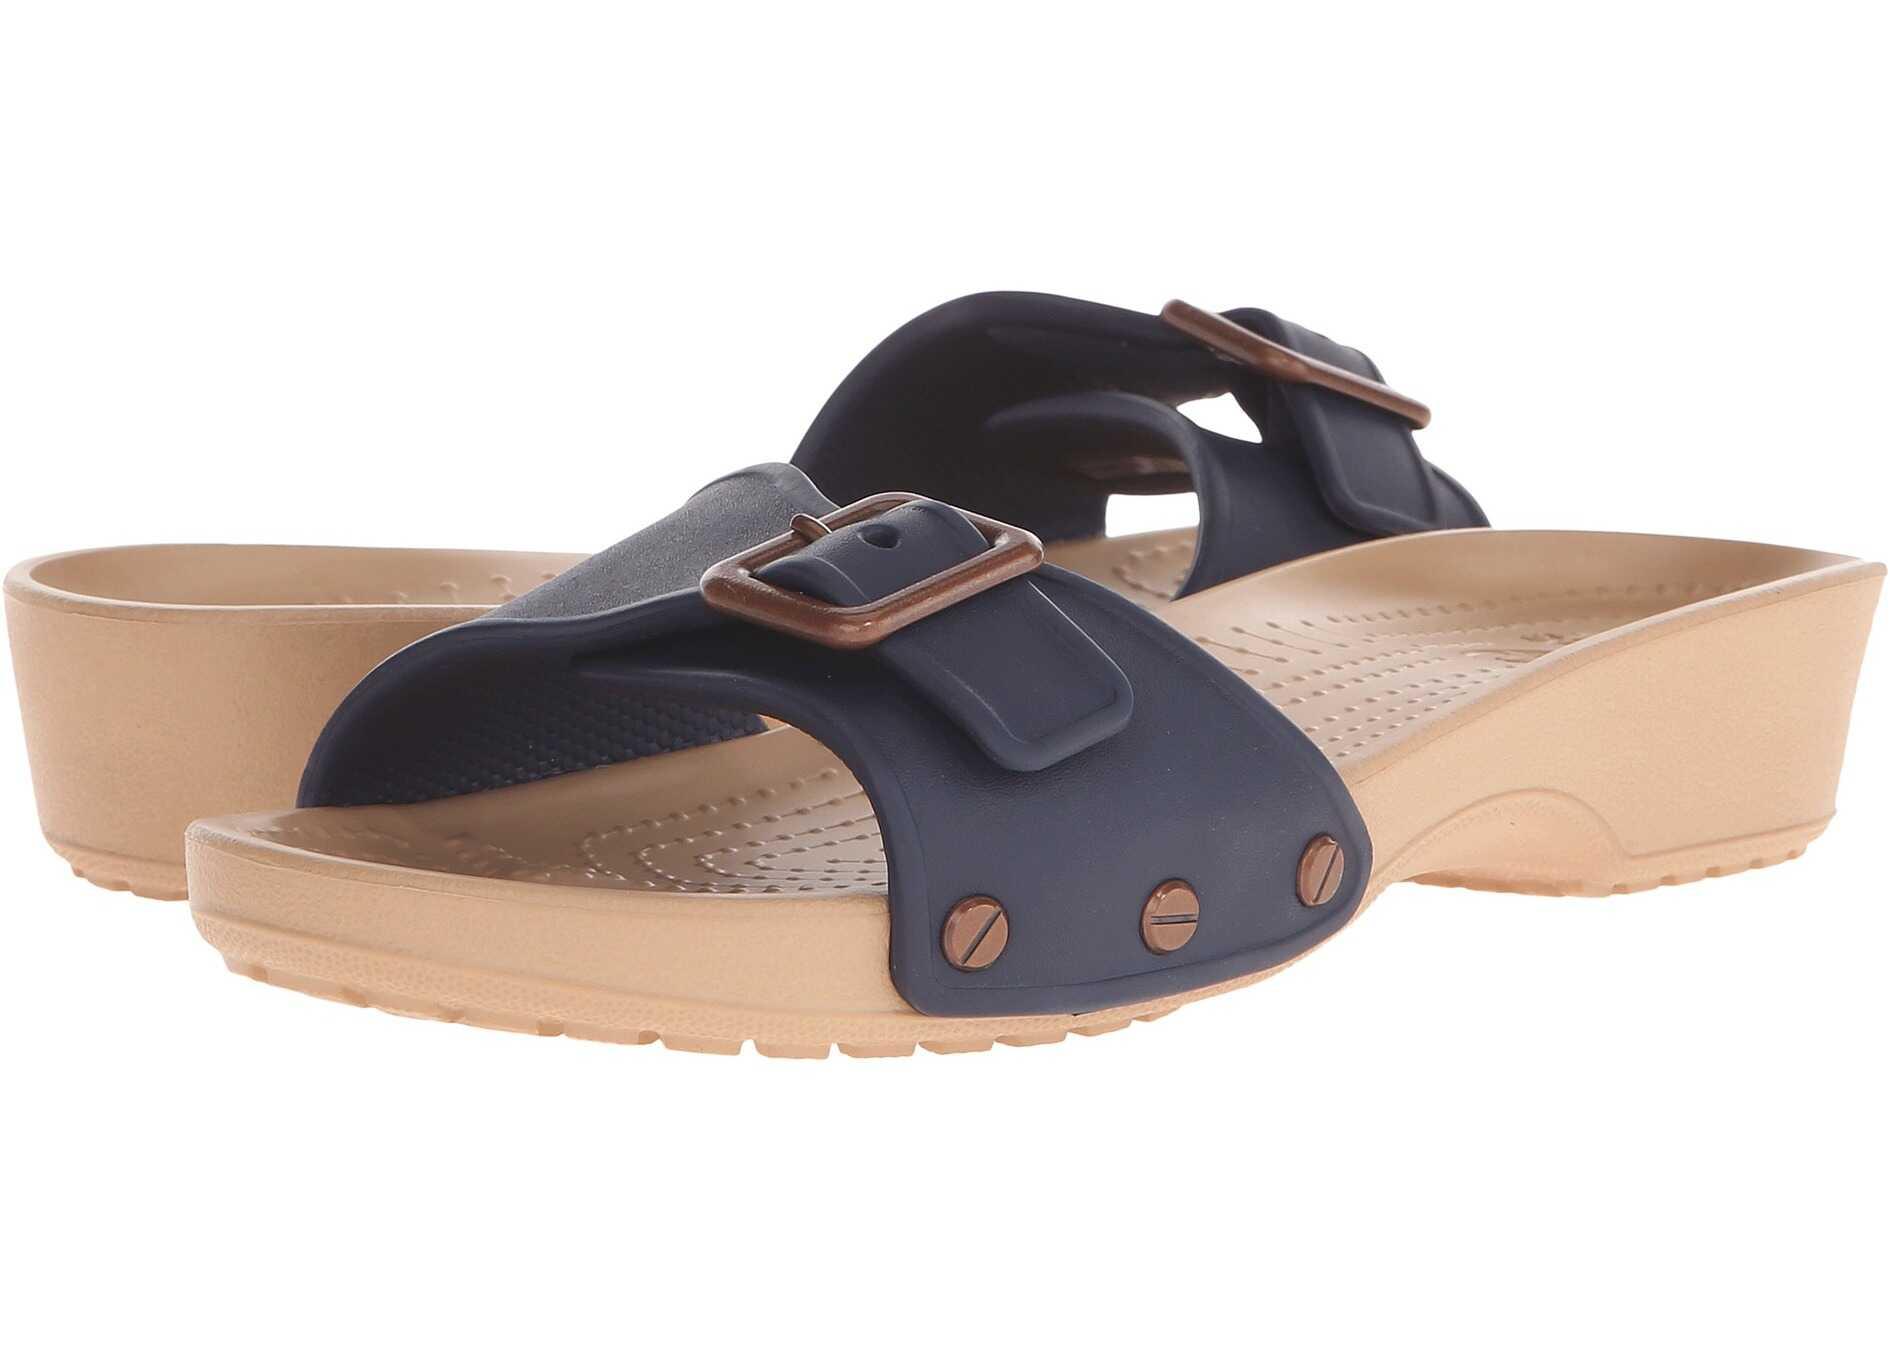 Crocs Sarah Sandal Navy/Gold